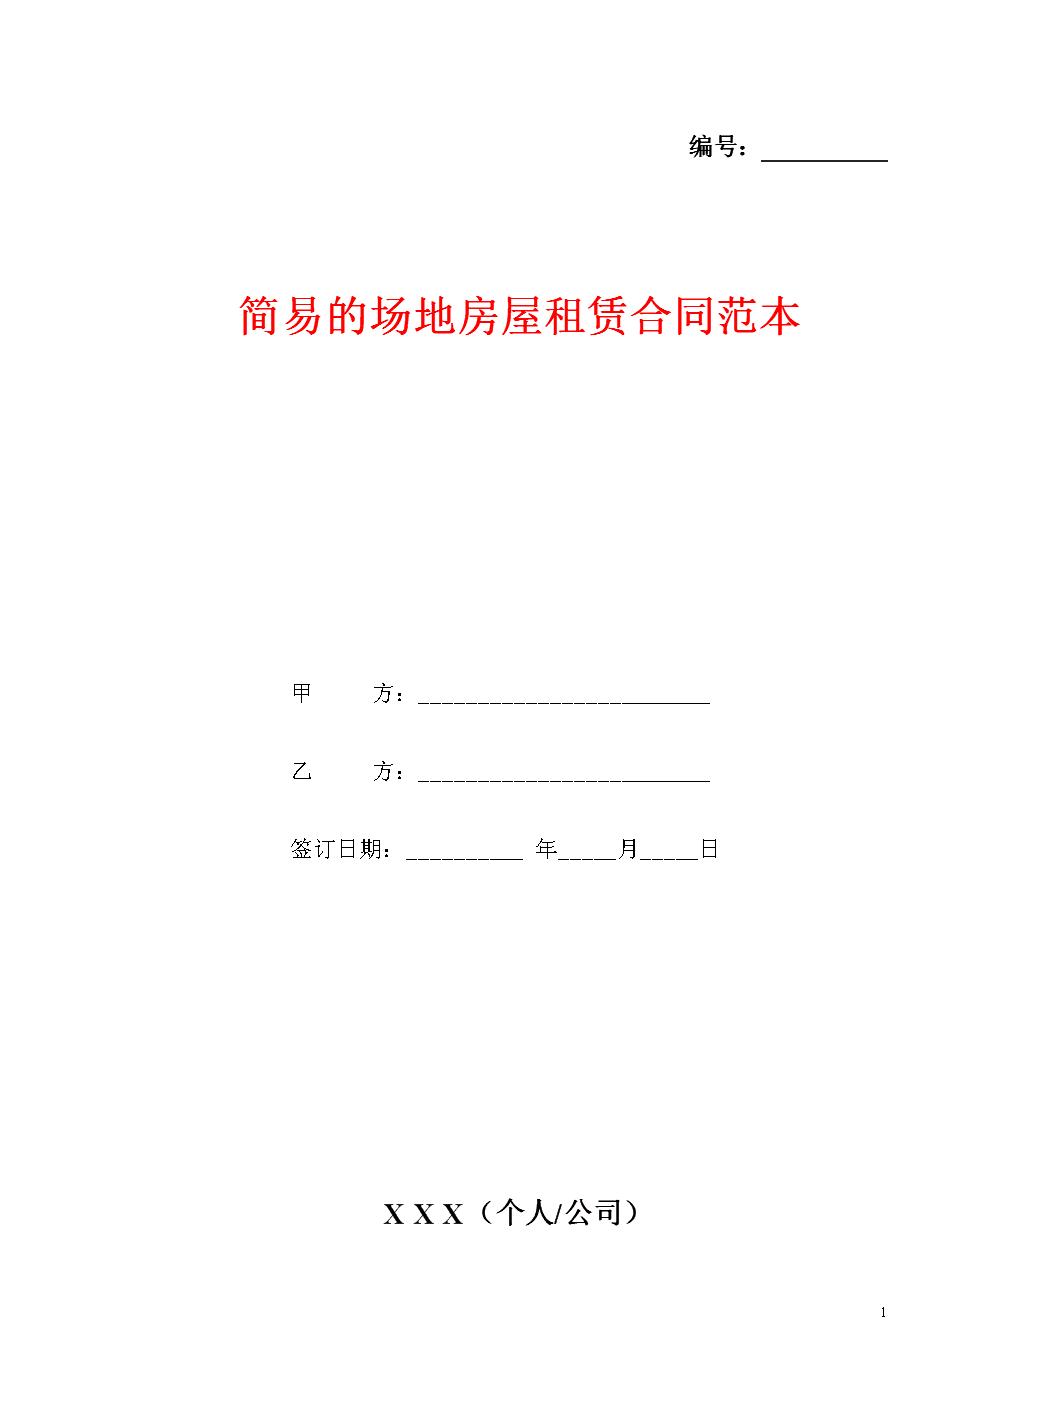 简易的场地房屋租赁合同范本 .doc